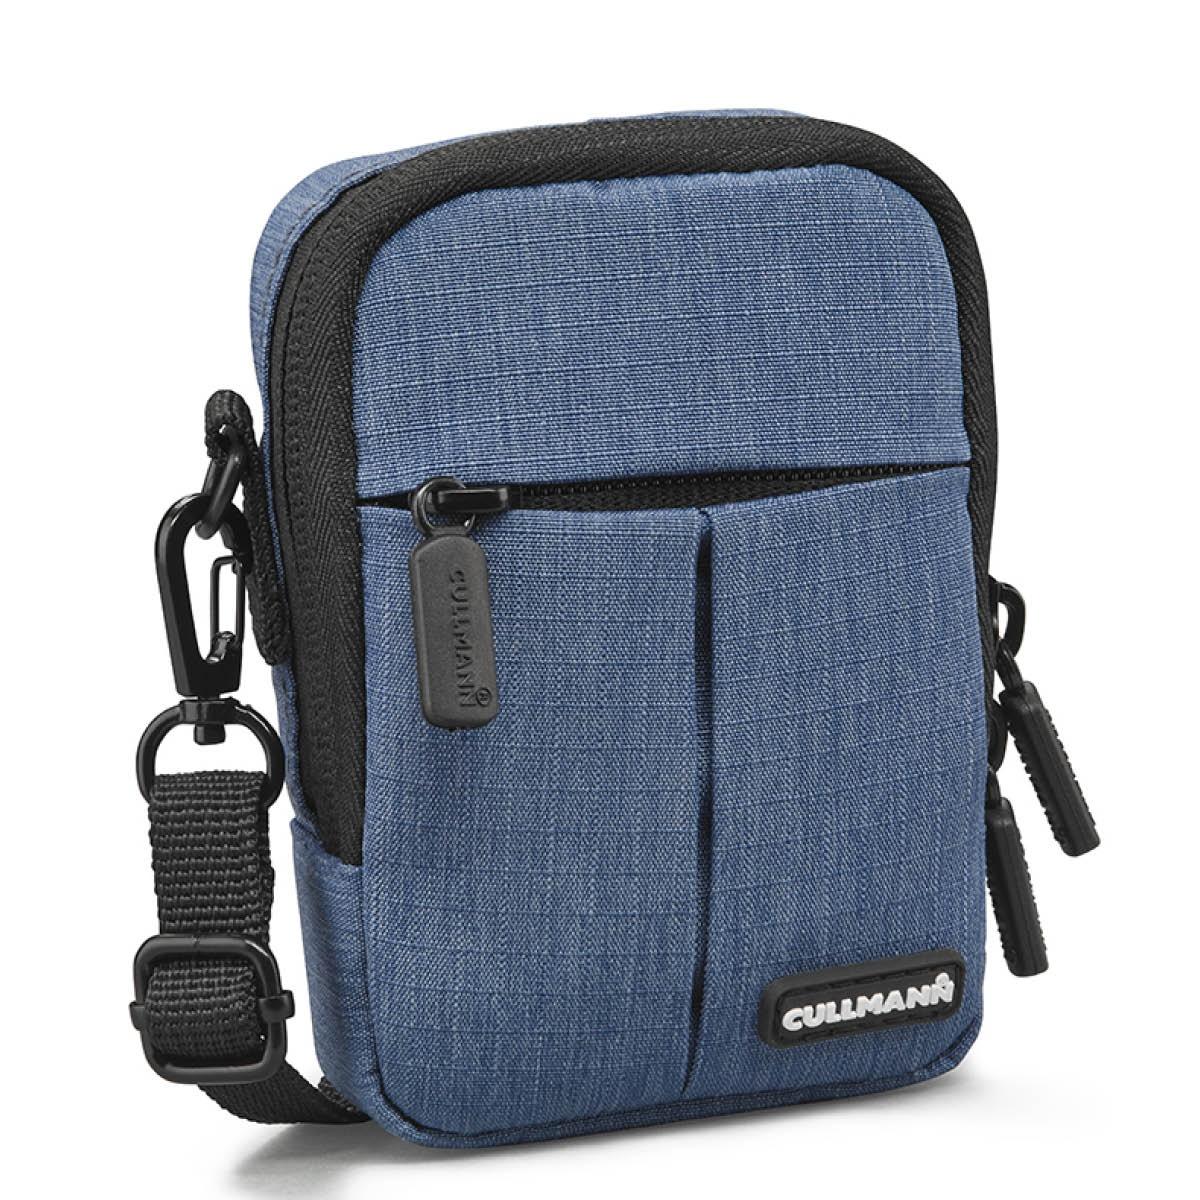 Cullmann Malaga Compact 200 Blau